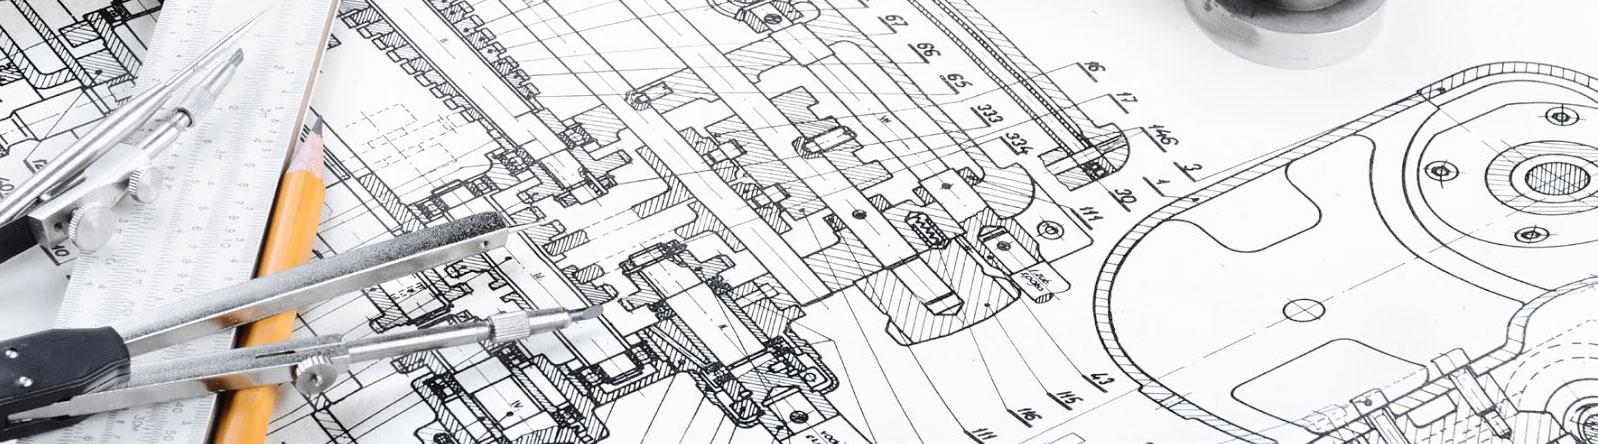 Planos técnicos CAD-CAM para fabricación de maquinaria industrial